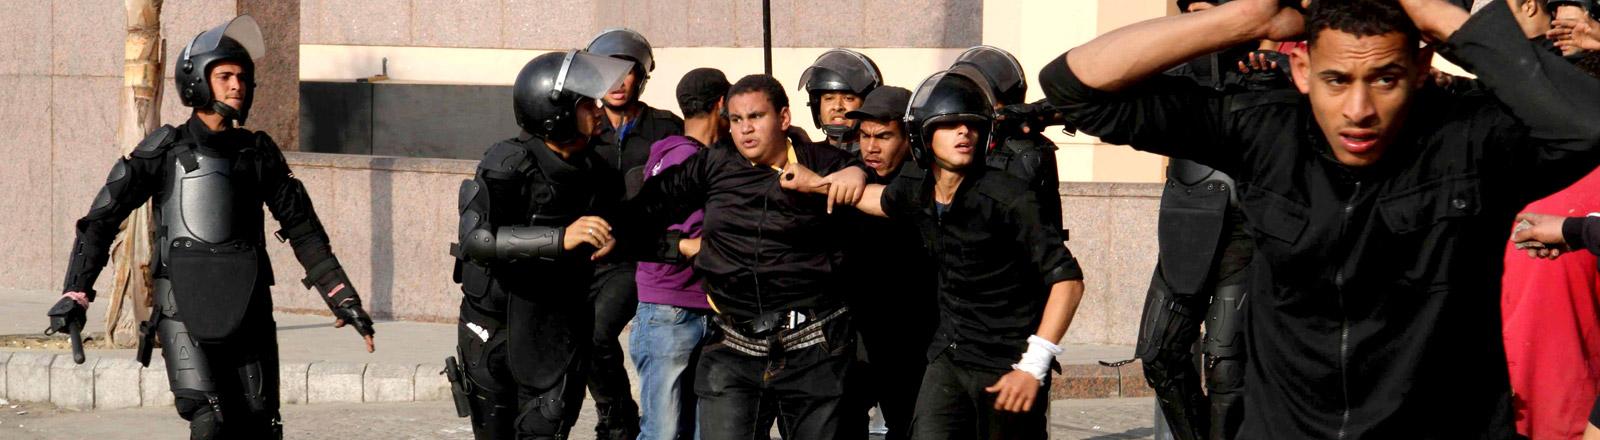 In Ägypten verhaften Polizisten einen Bürger